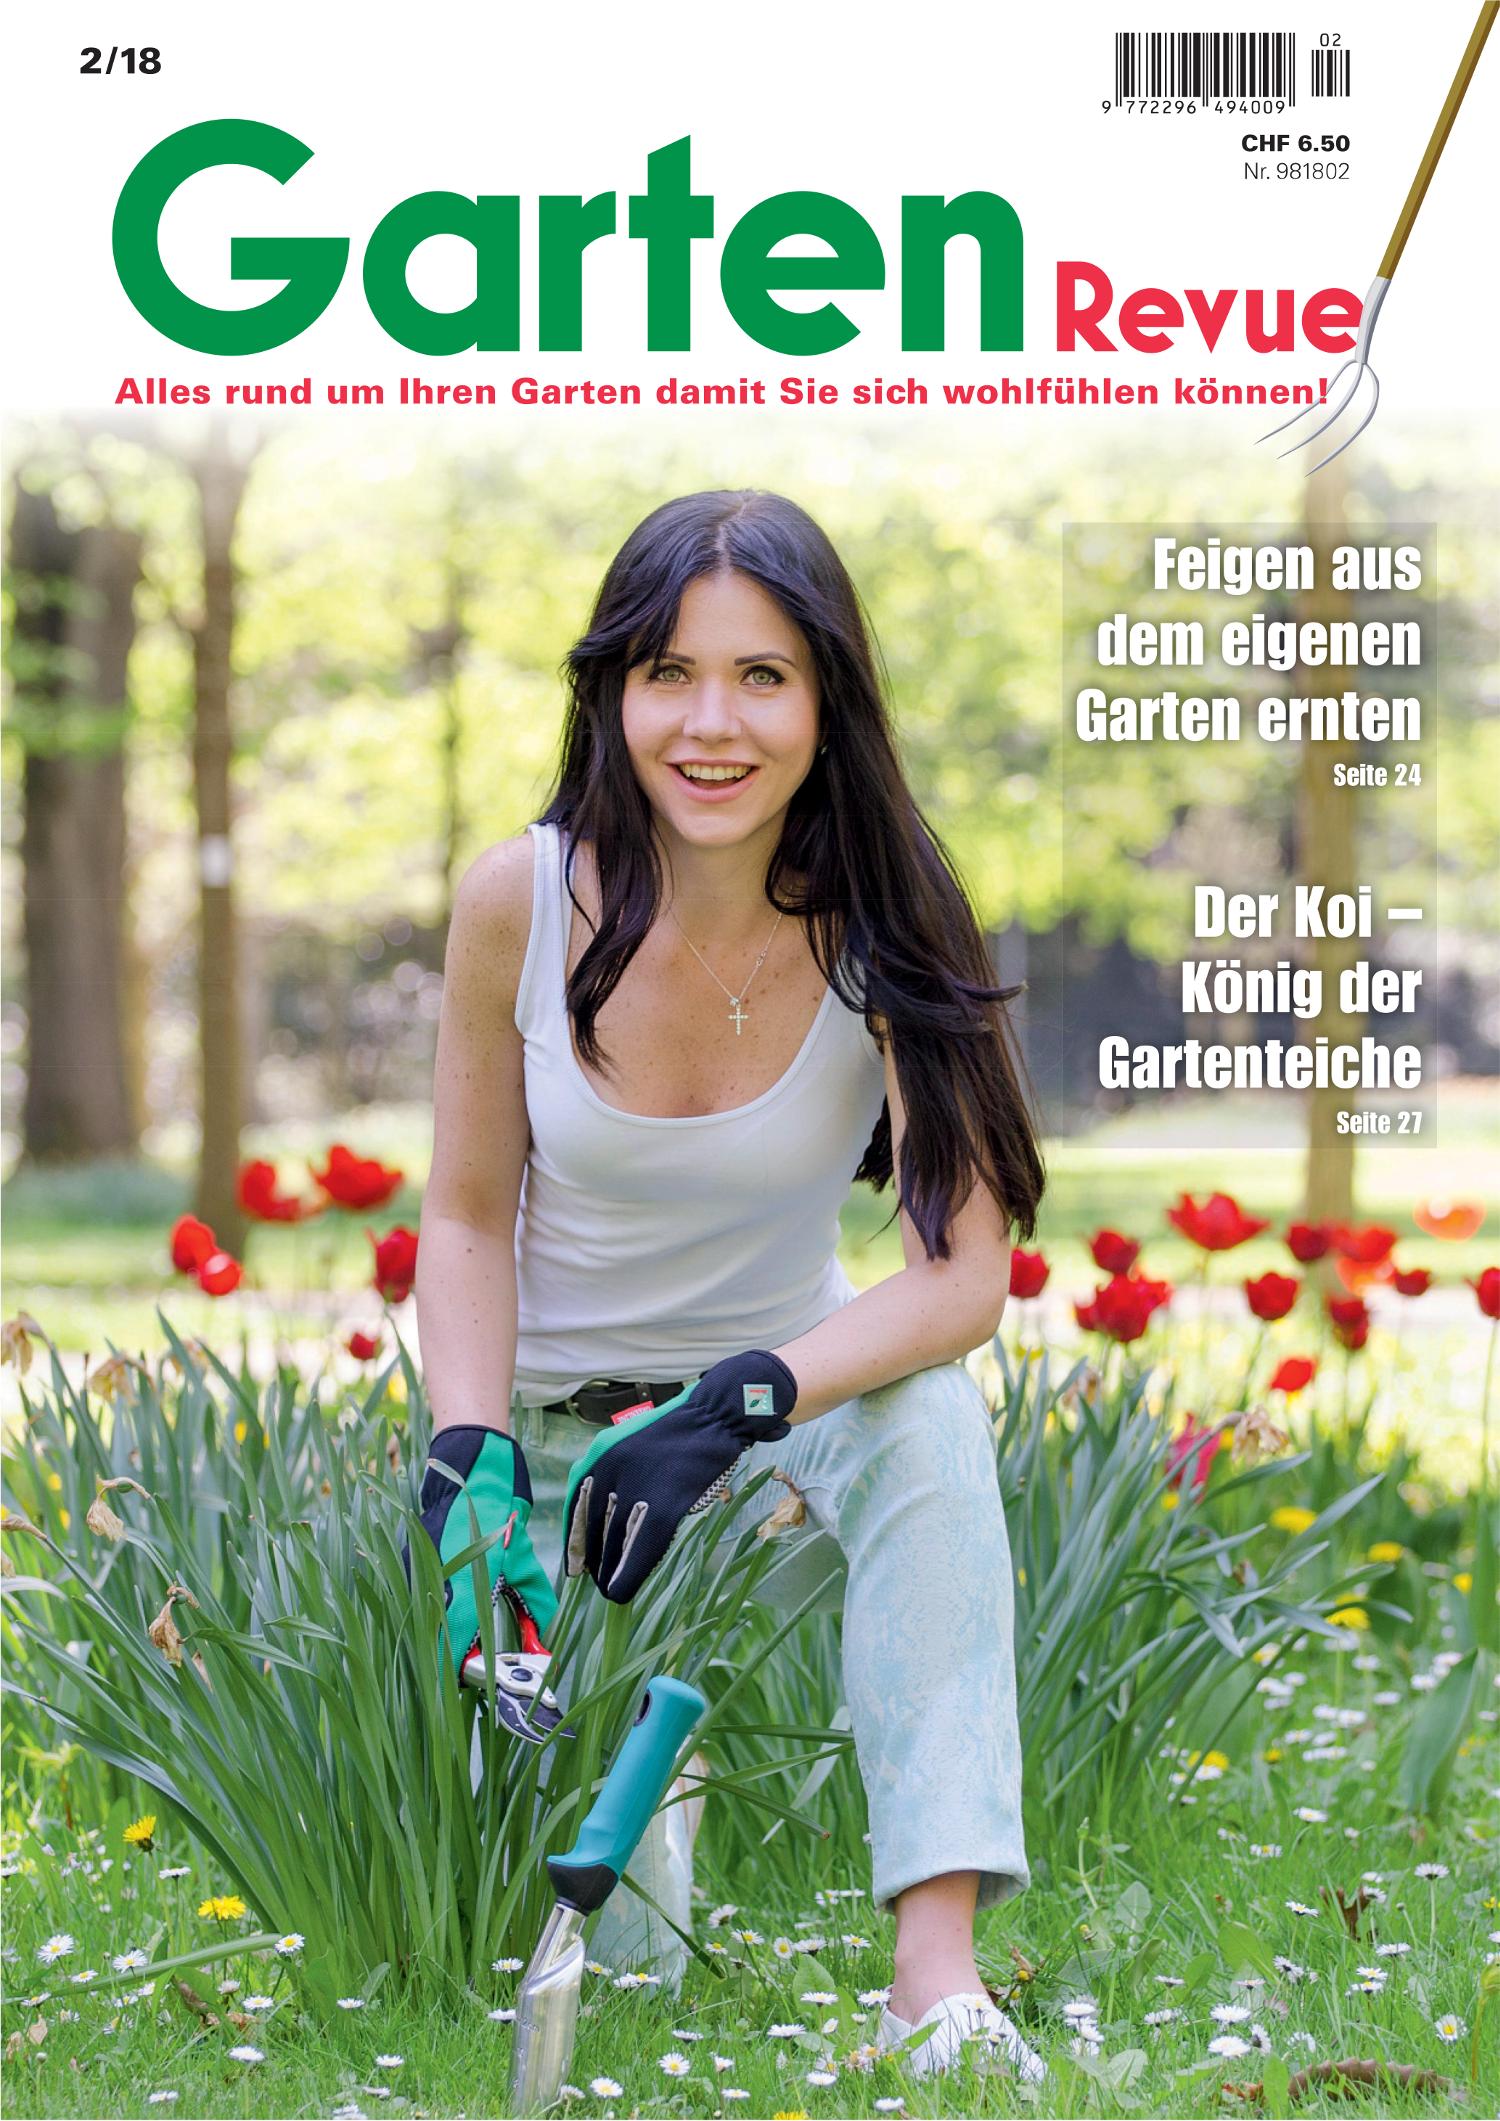 GartenRevue 2-18